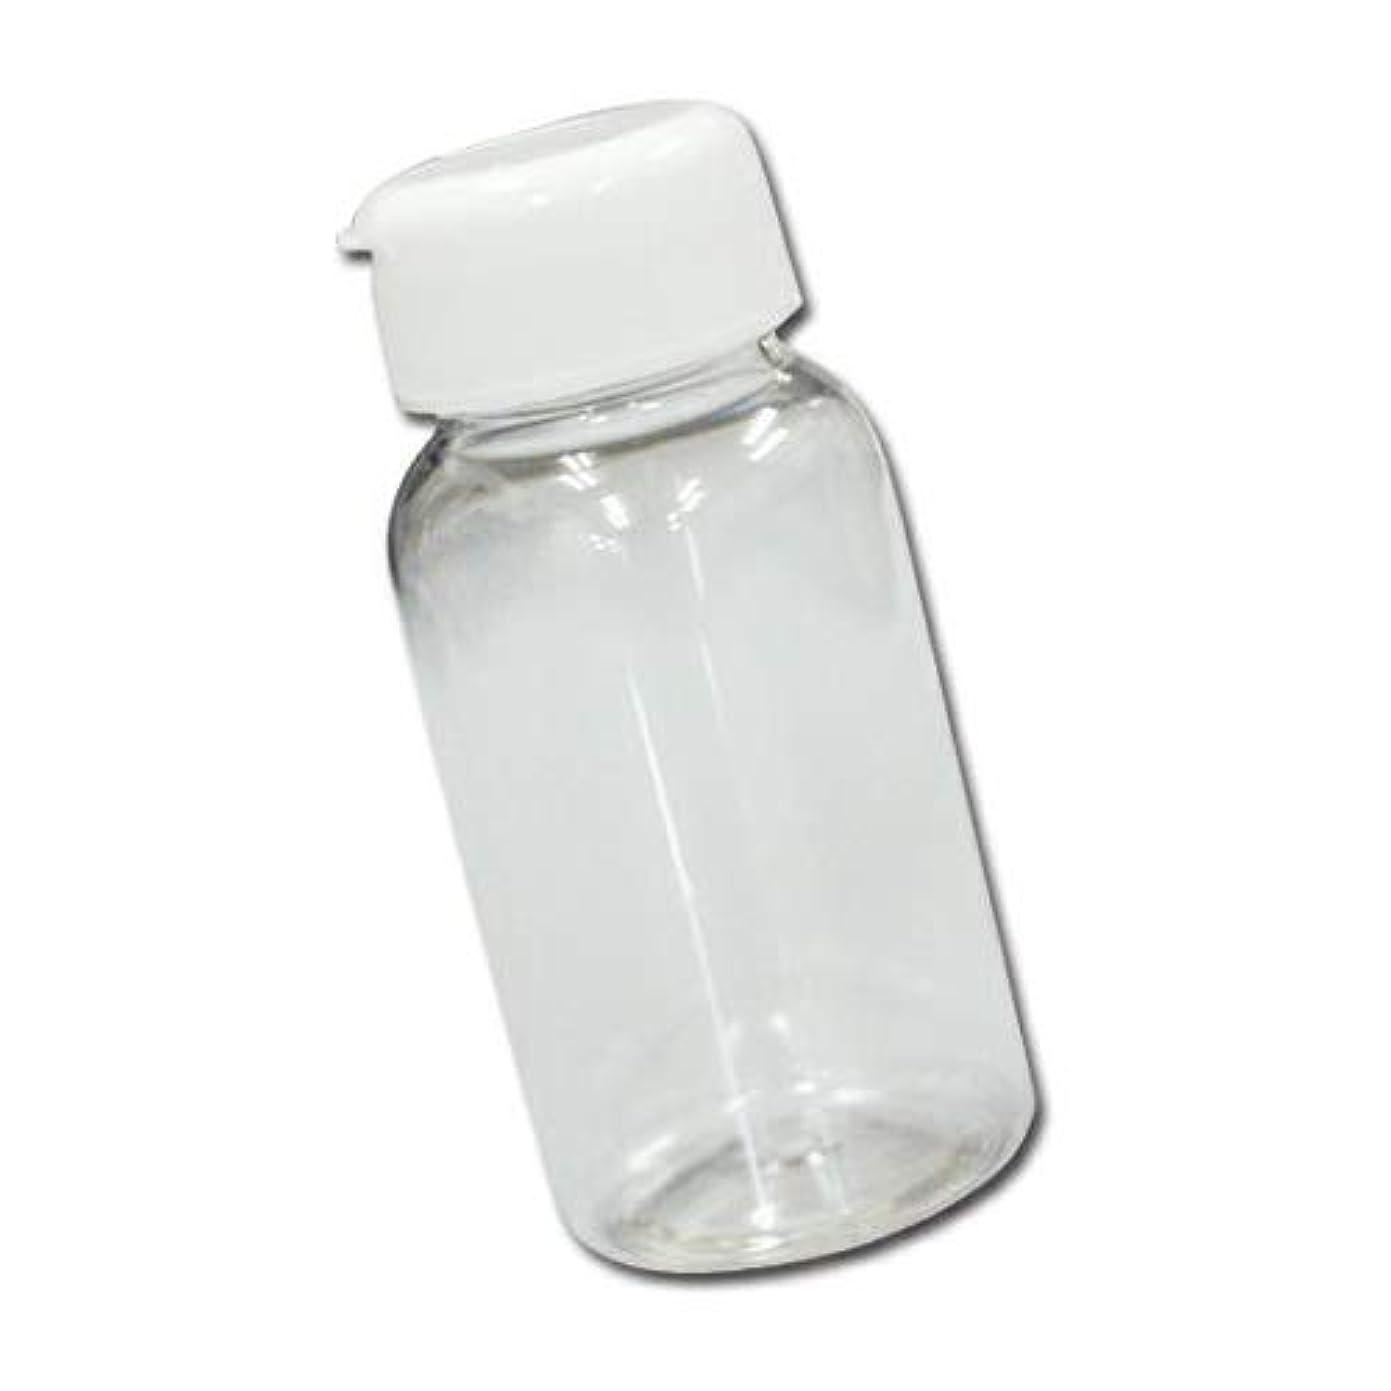 スピンブレス昨日パウダー用詰め替え容器200mlボトル│業務用マッサージパウダーや調味料の小分けに最適な穴あき詰め替えボトル